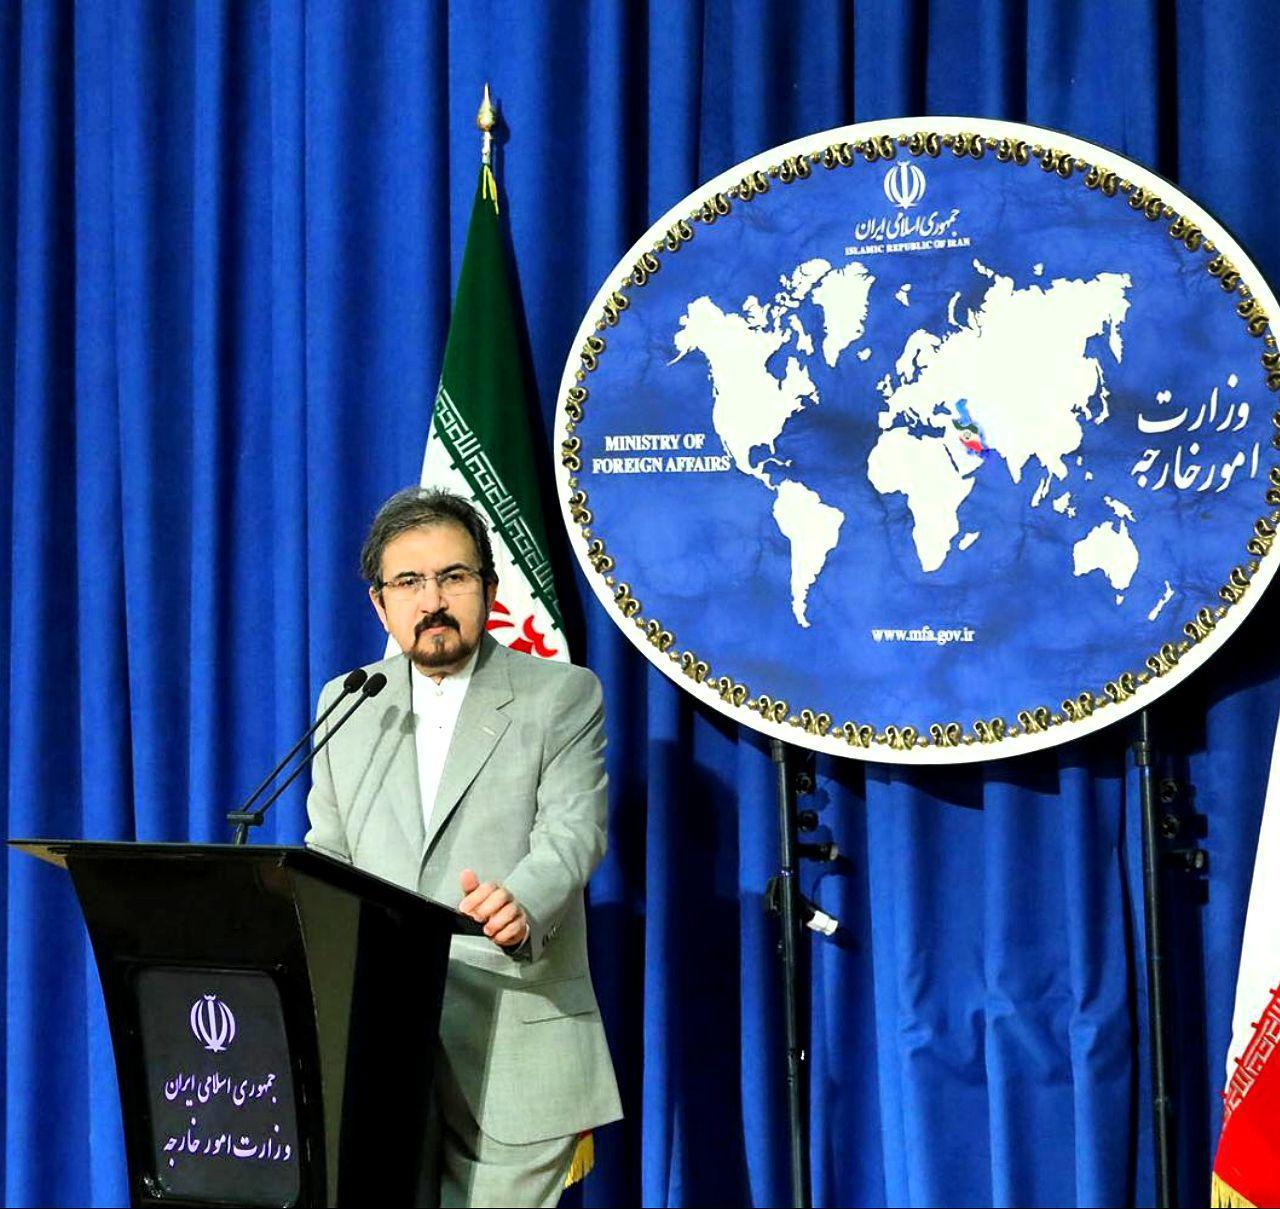 کشورهای منطقه نیازی به استراتژیهای بیثبات کننده و تروریست پرور آمریکا ندارند